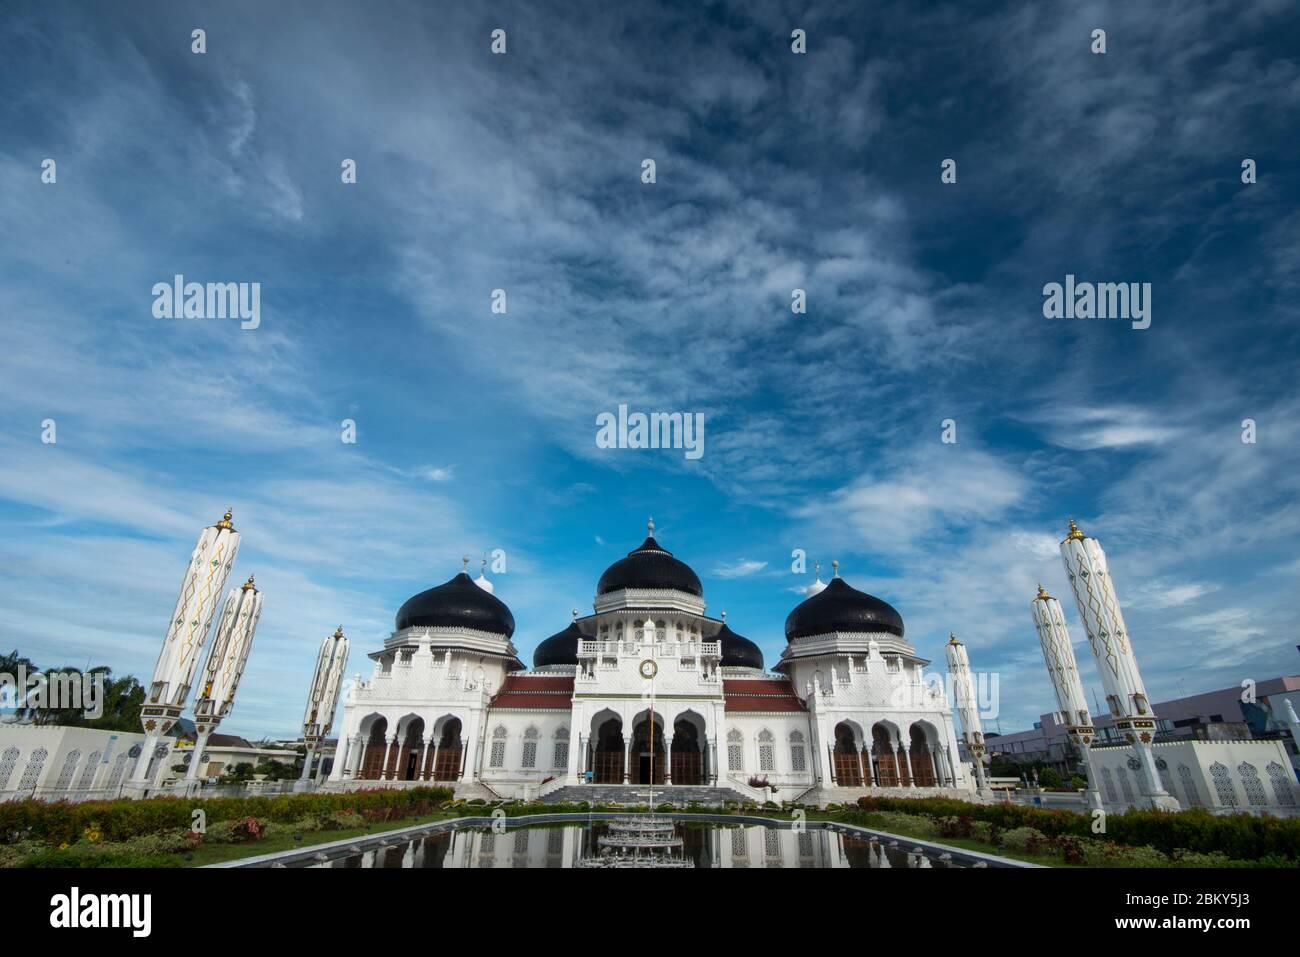 La grandeza de la Gran Mezquita Baiturrahman por la mañana en banda Aceh, provincia de Aceh, Indonesia. Miércoles 6 mayo, 2020. Foto de stock